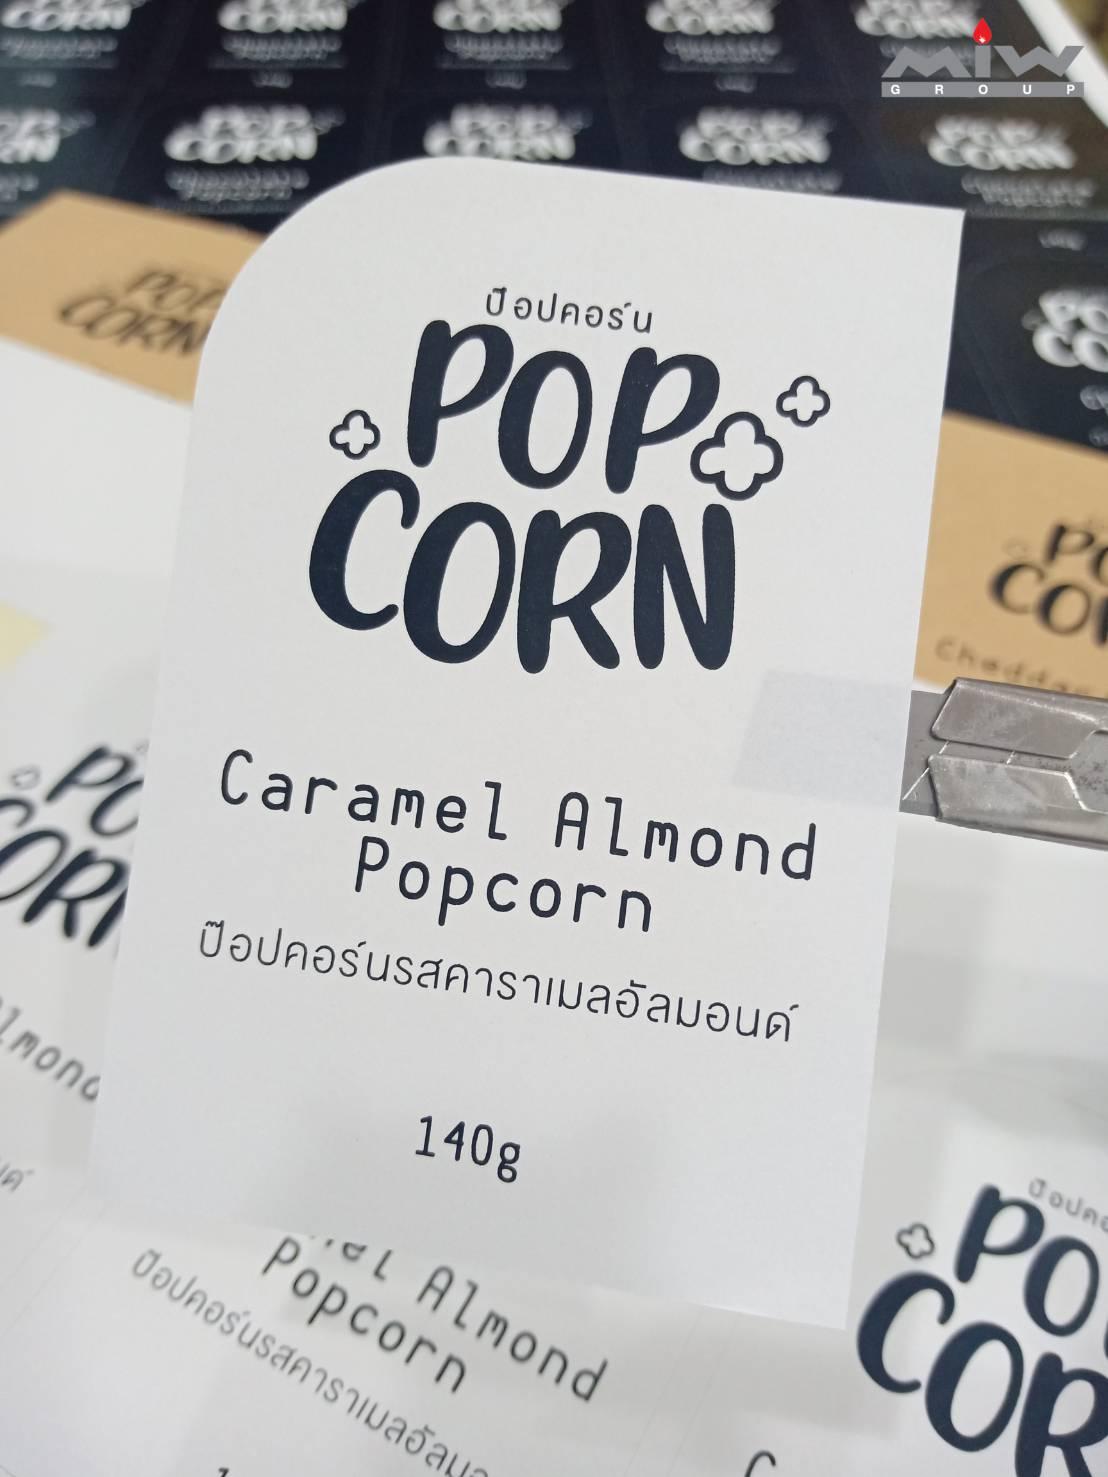 310179 - งานสติ๊กเกอร์ Pop Corn